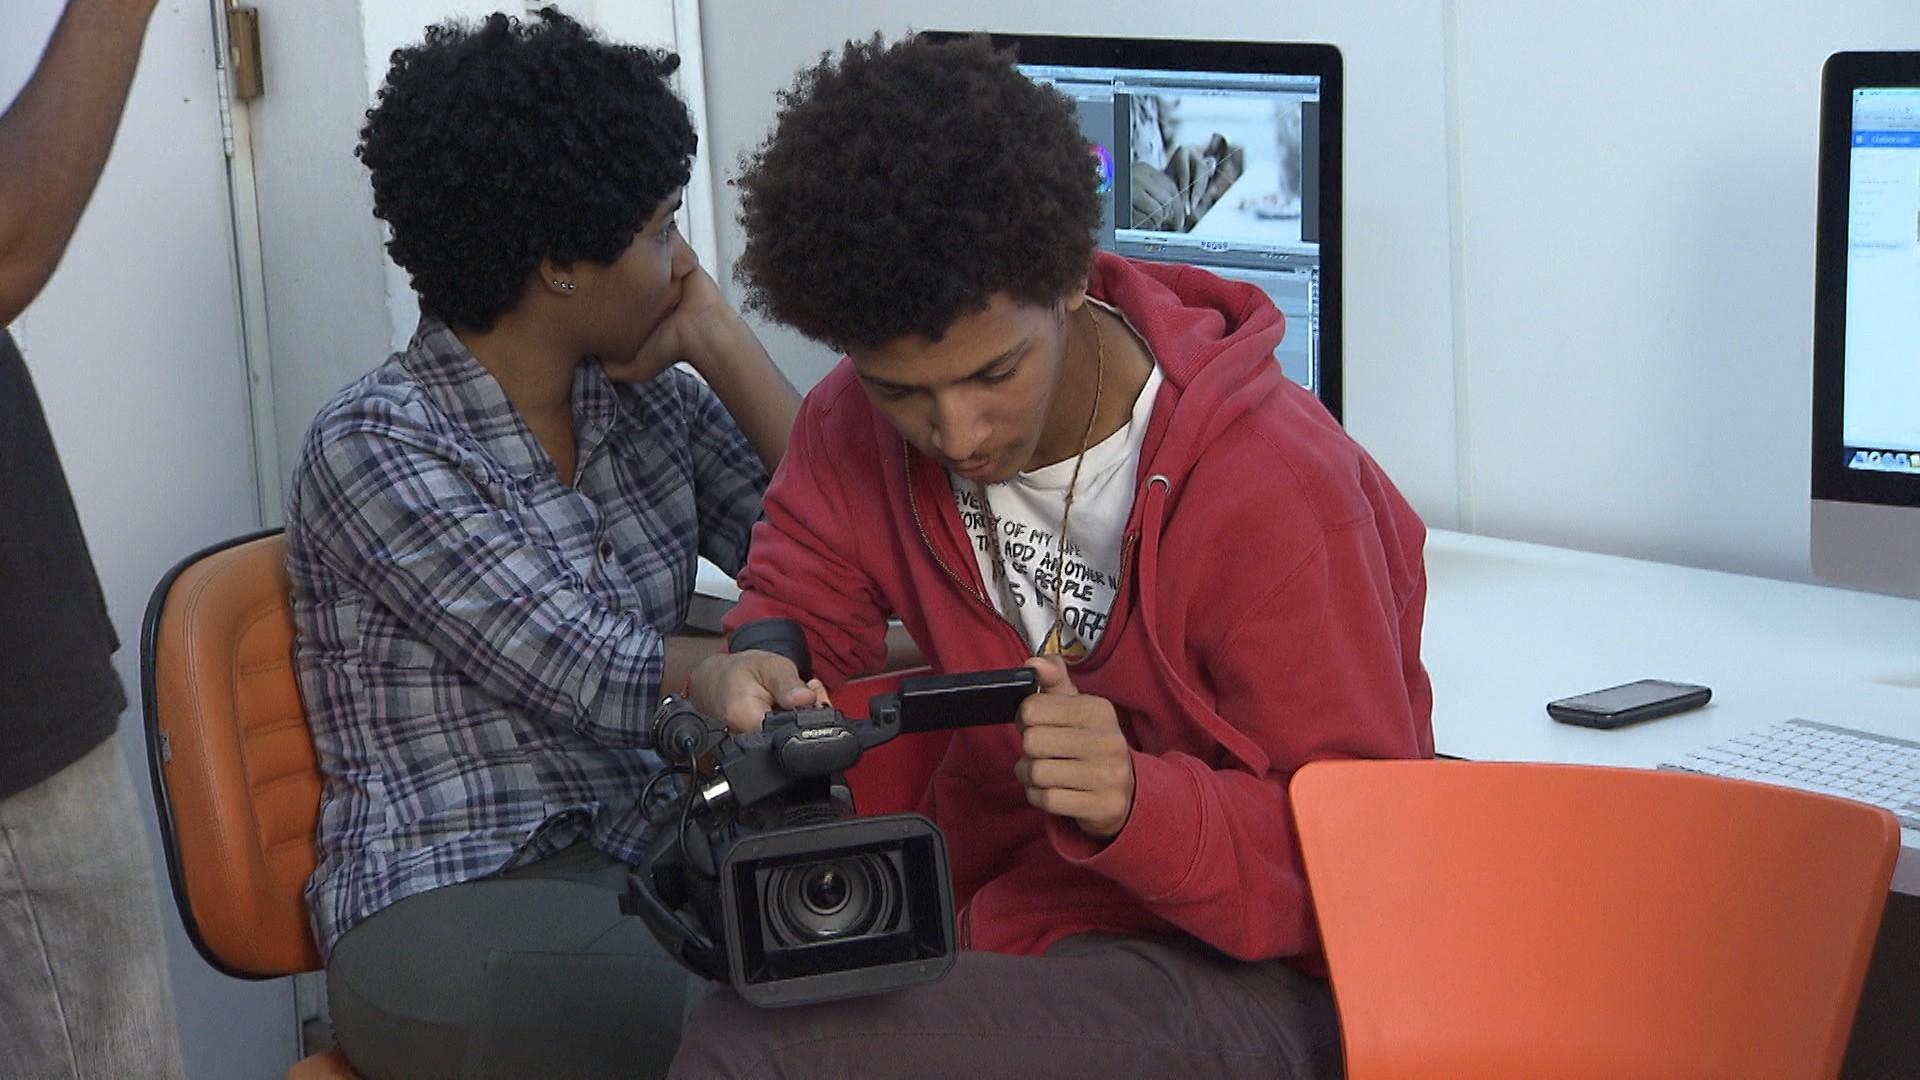 Estudantes estudam quatro linguagens: computação gráfica, fotografia, vídeo e design gráfico (Foto: Divulgação)